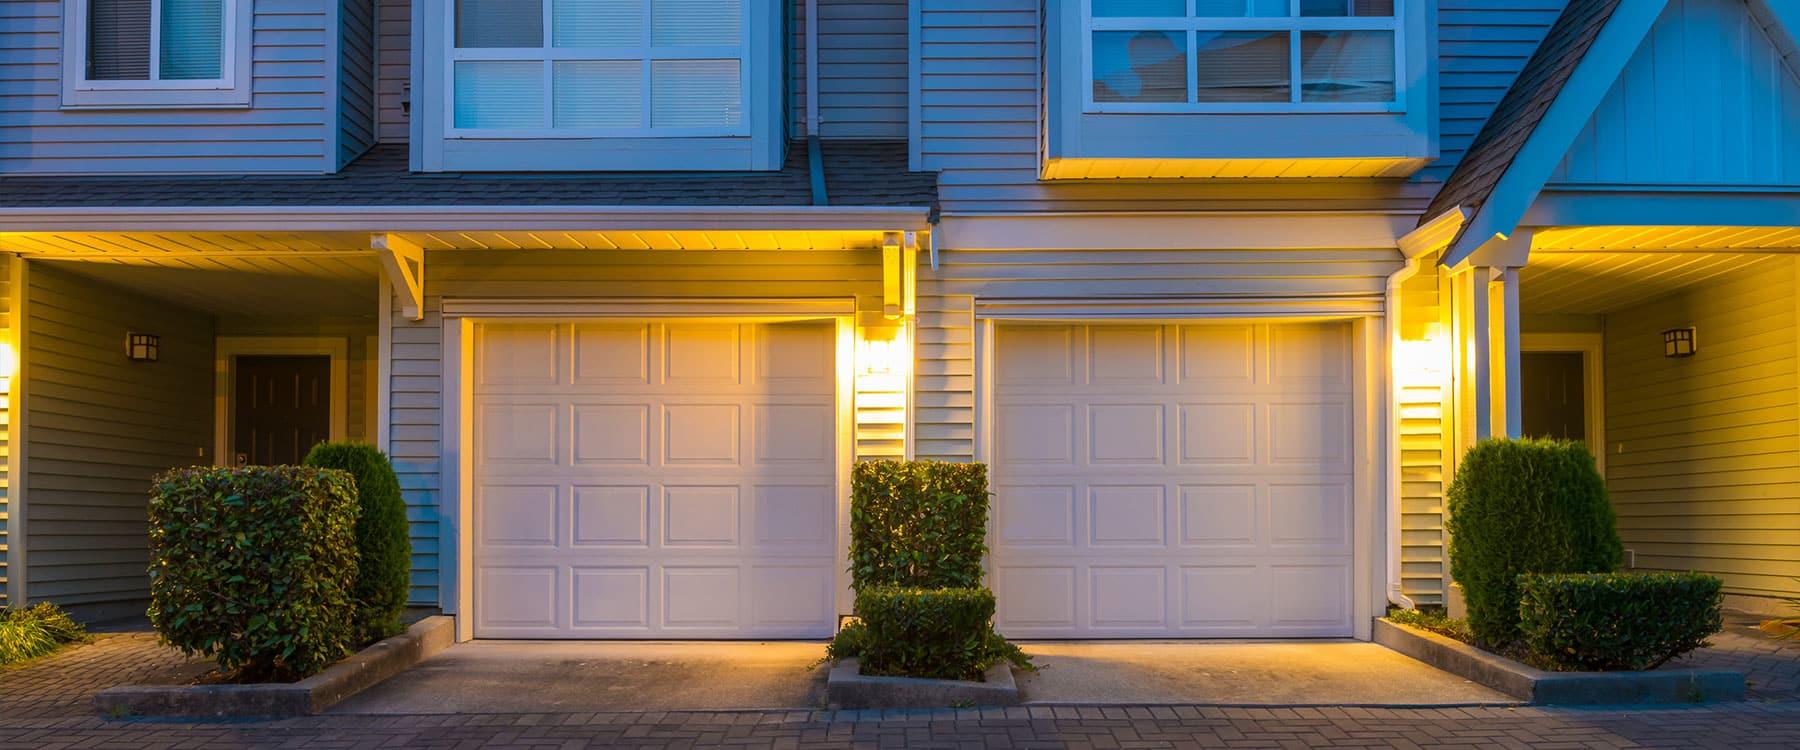 Garage Door Repair Okc Garage Door Opener Repair And Install